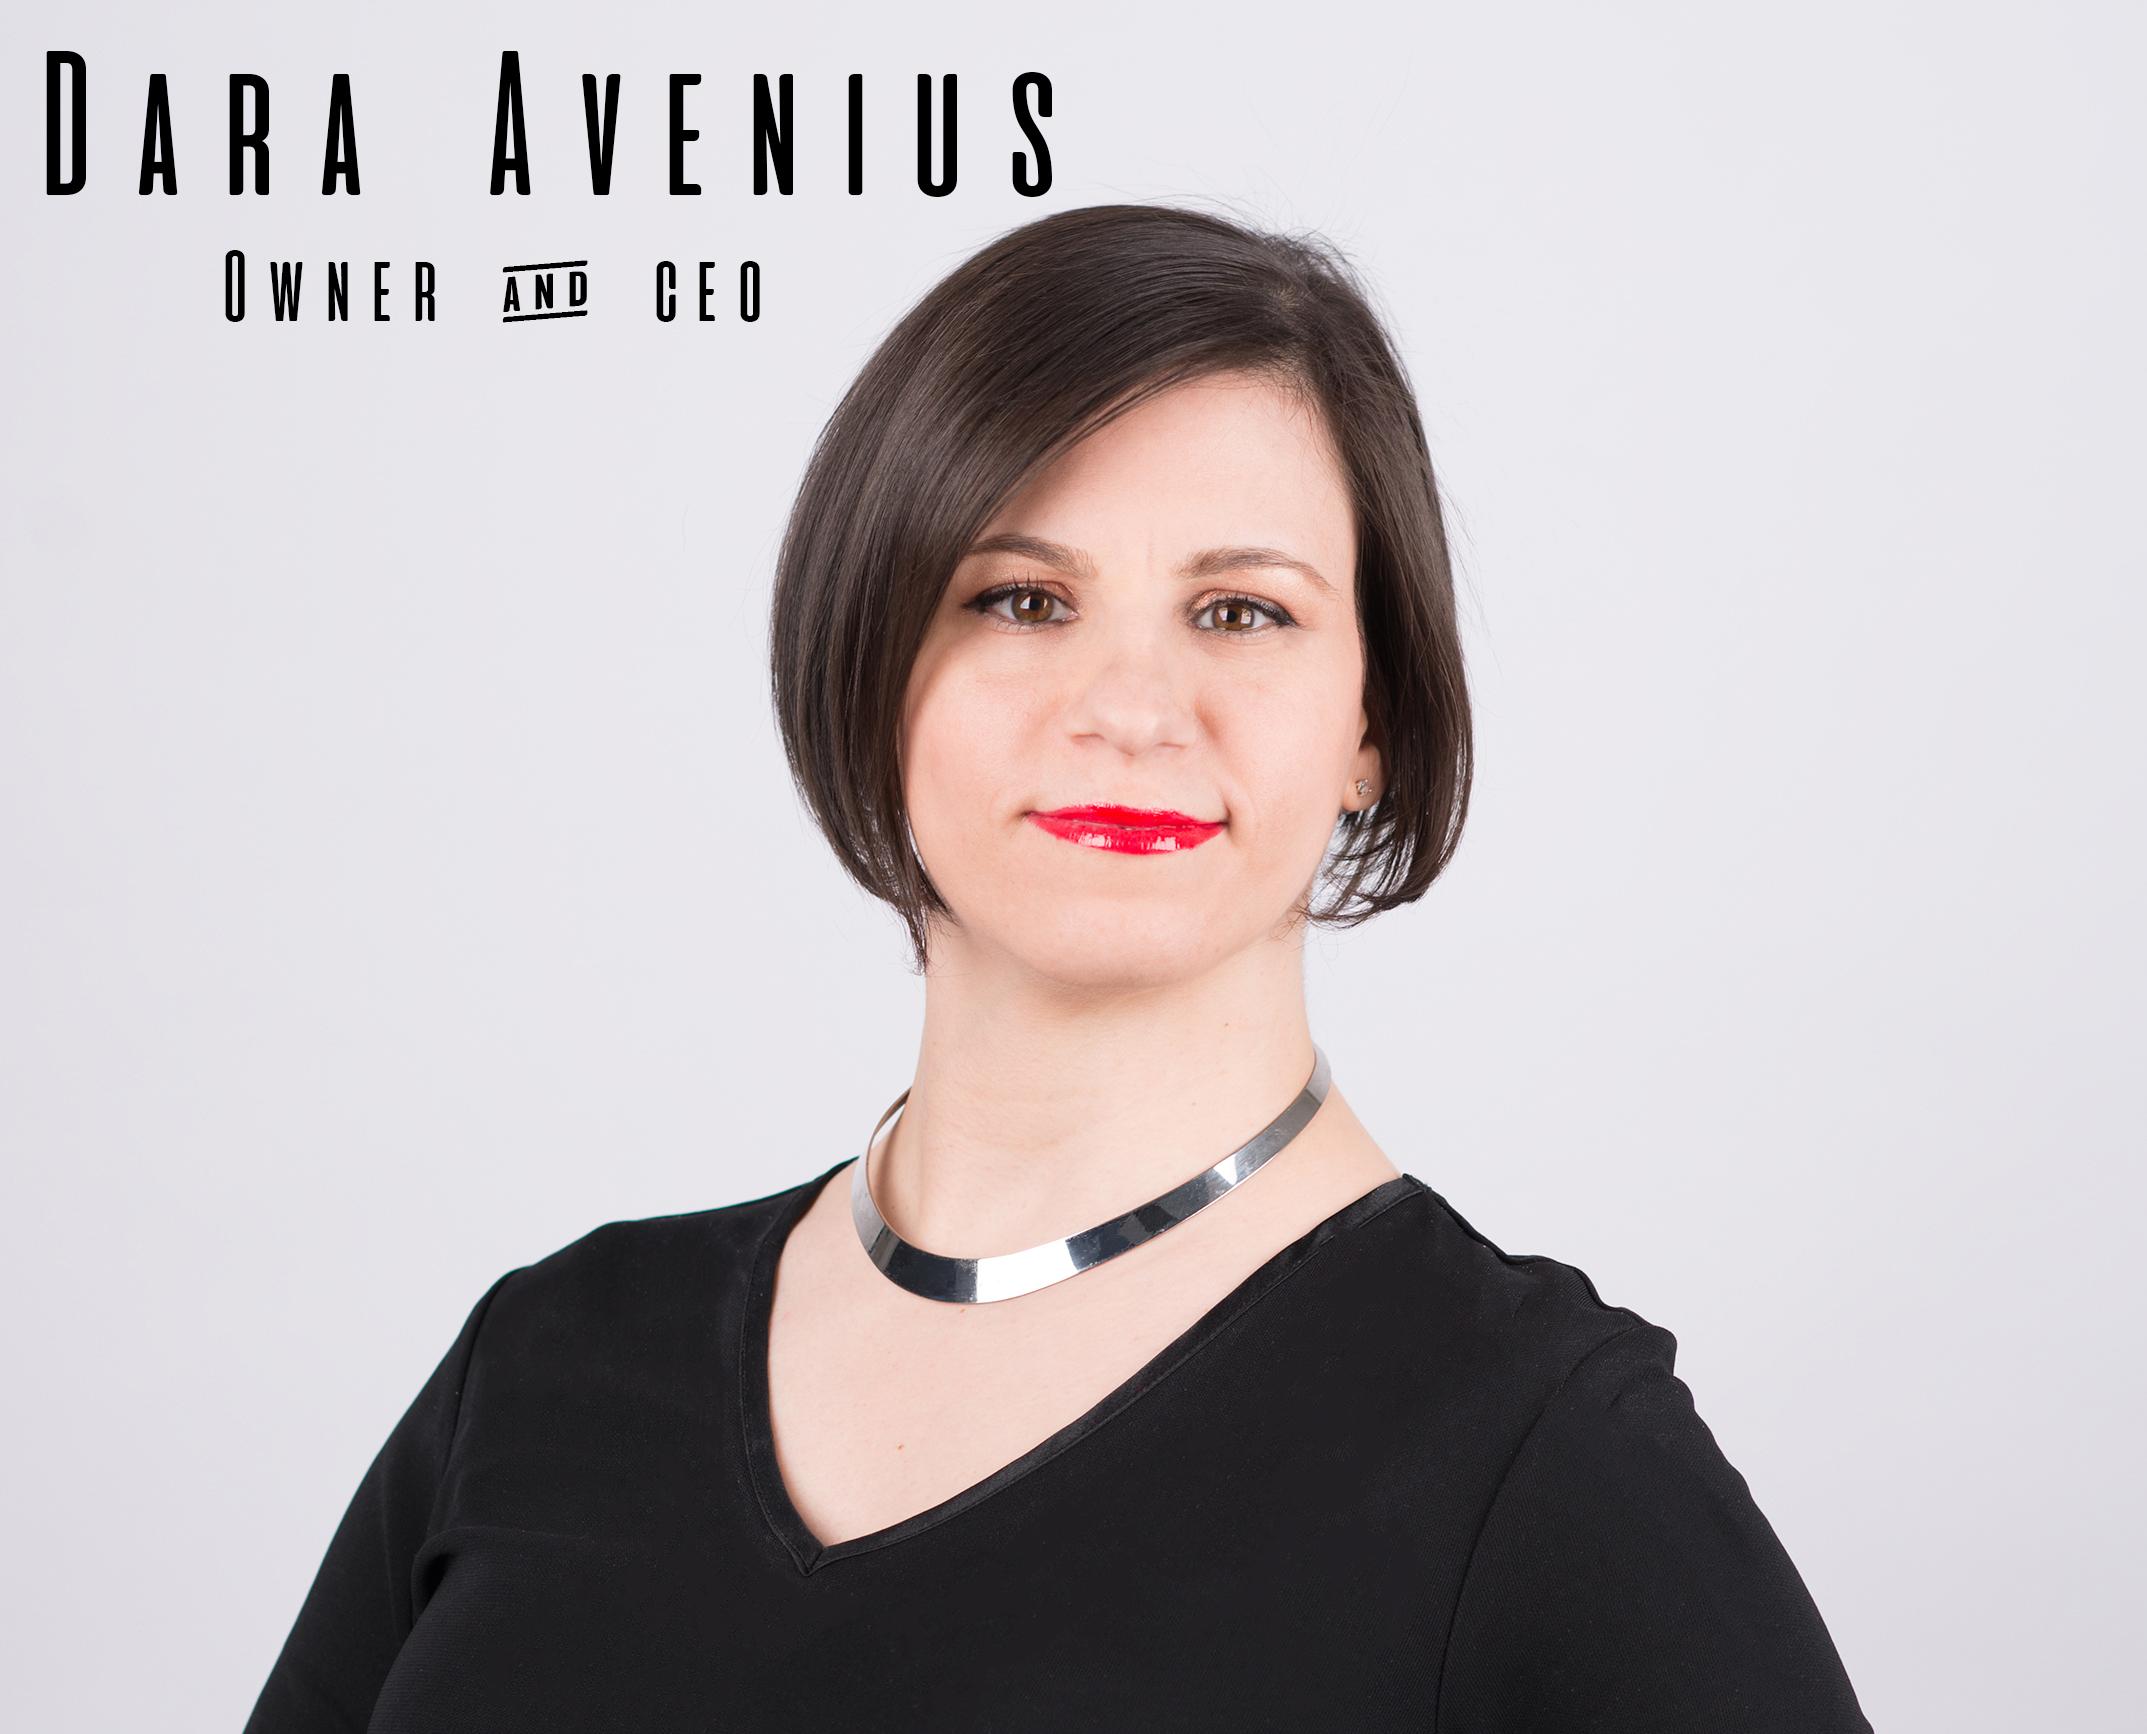 Dara Avenius